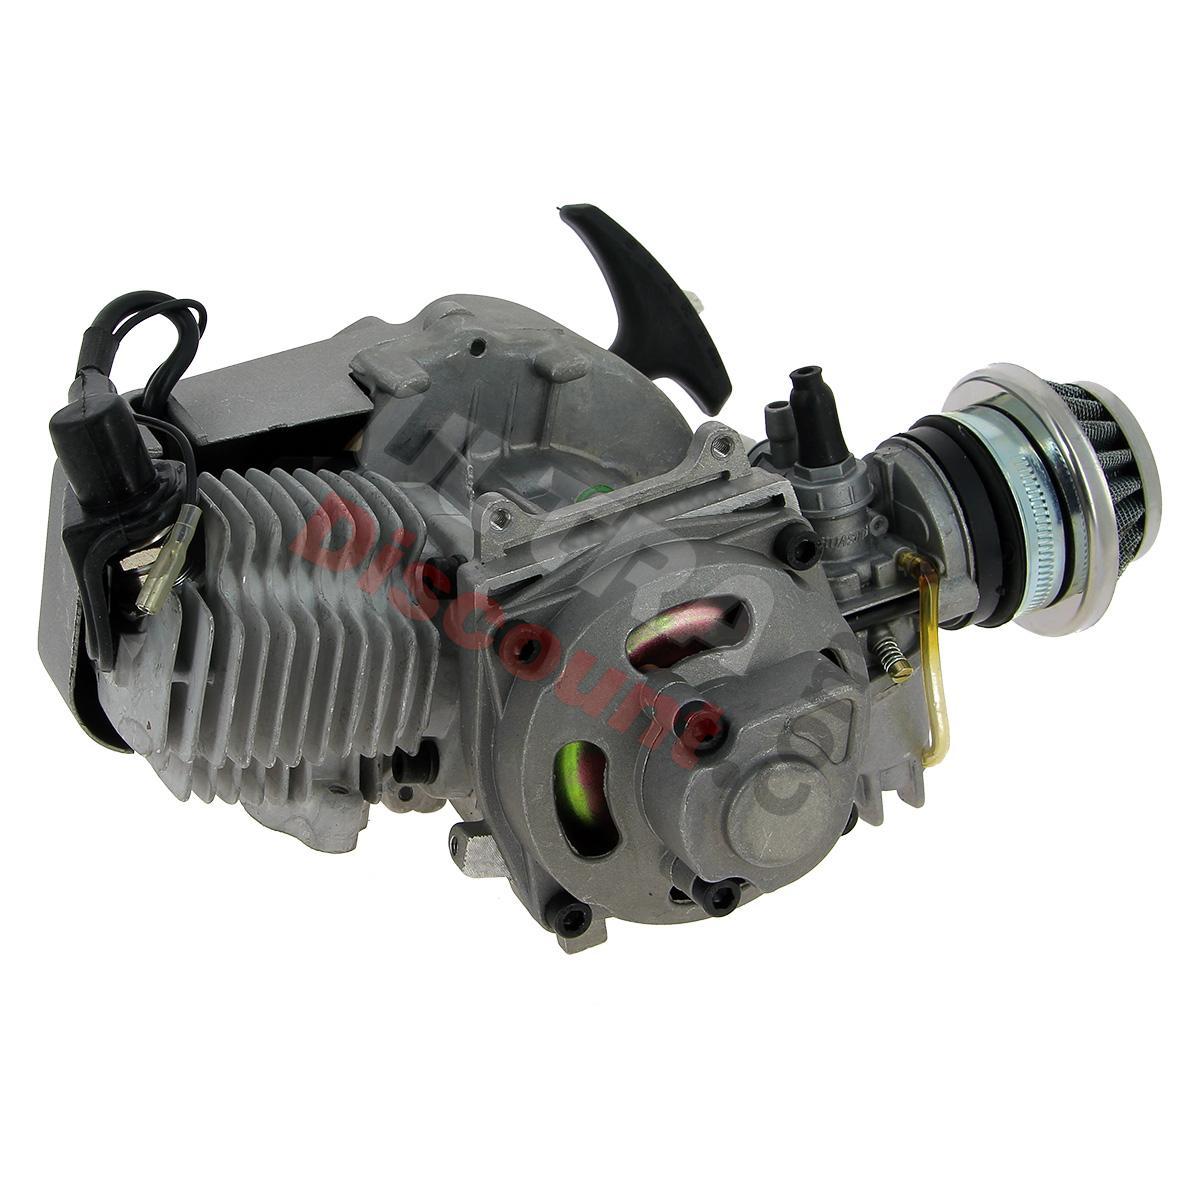 moteur d 39 origine complet 49cc pour pocket quads pieces pocket quad moteurs description ultra. Black Bedroom Furniture Sets. Home Design Ideas